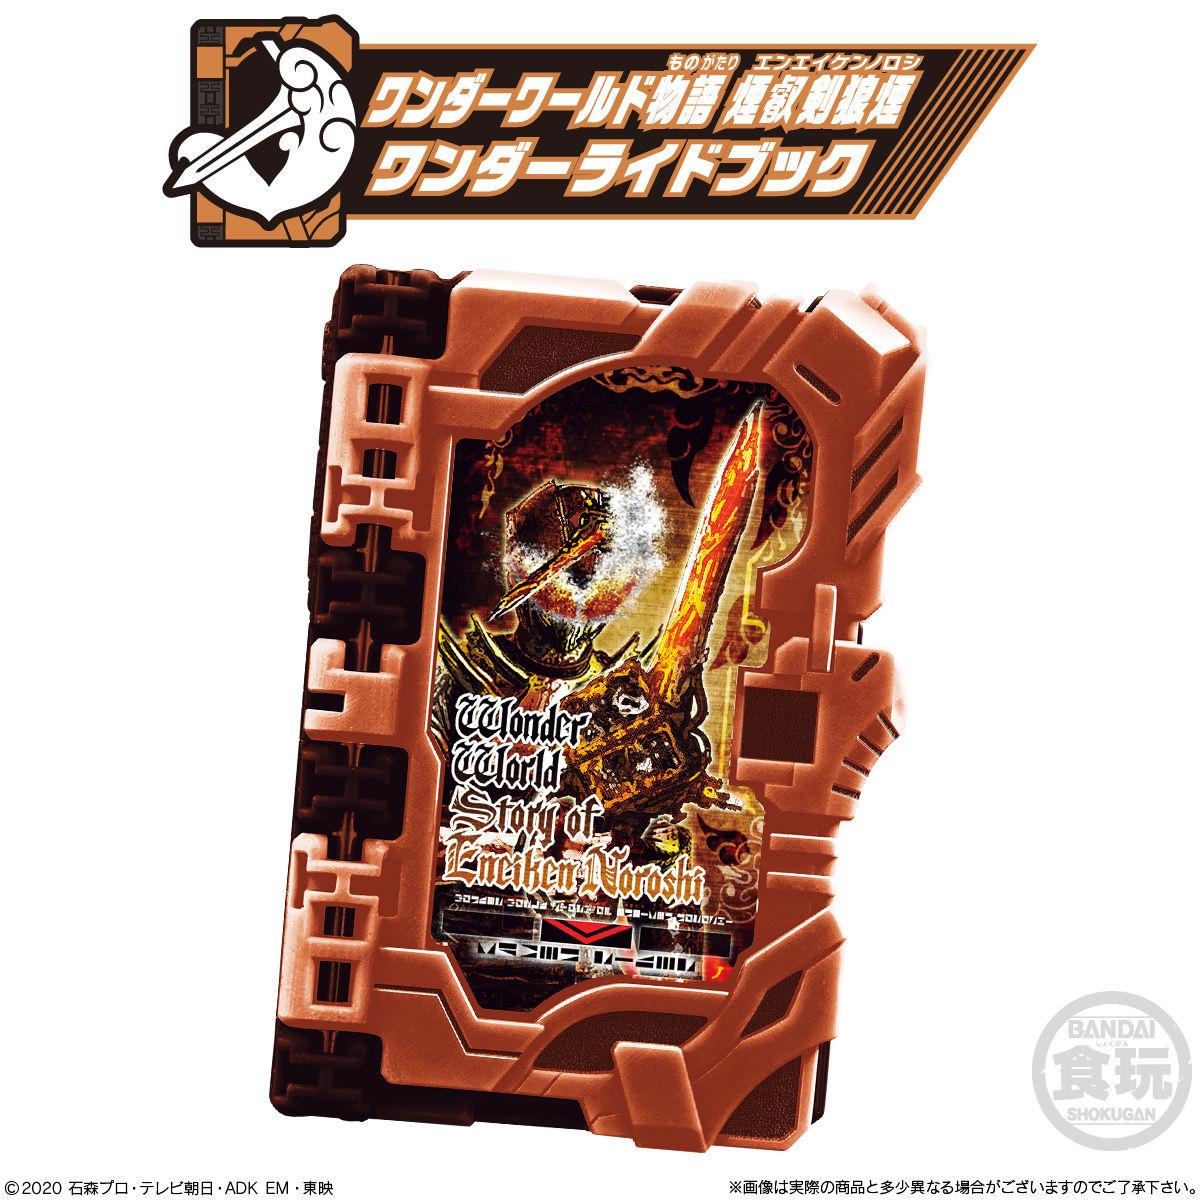 【食玩】仮面ライダーセイバー『コレクタブルワンダーライドブック SG08』8個入りBOX-002